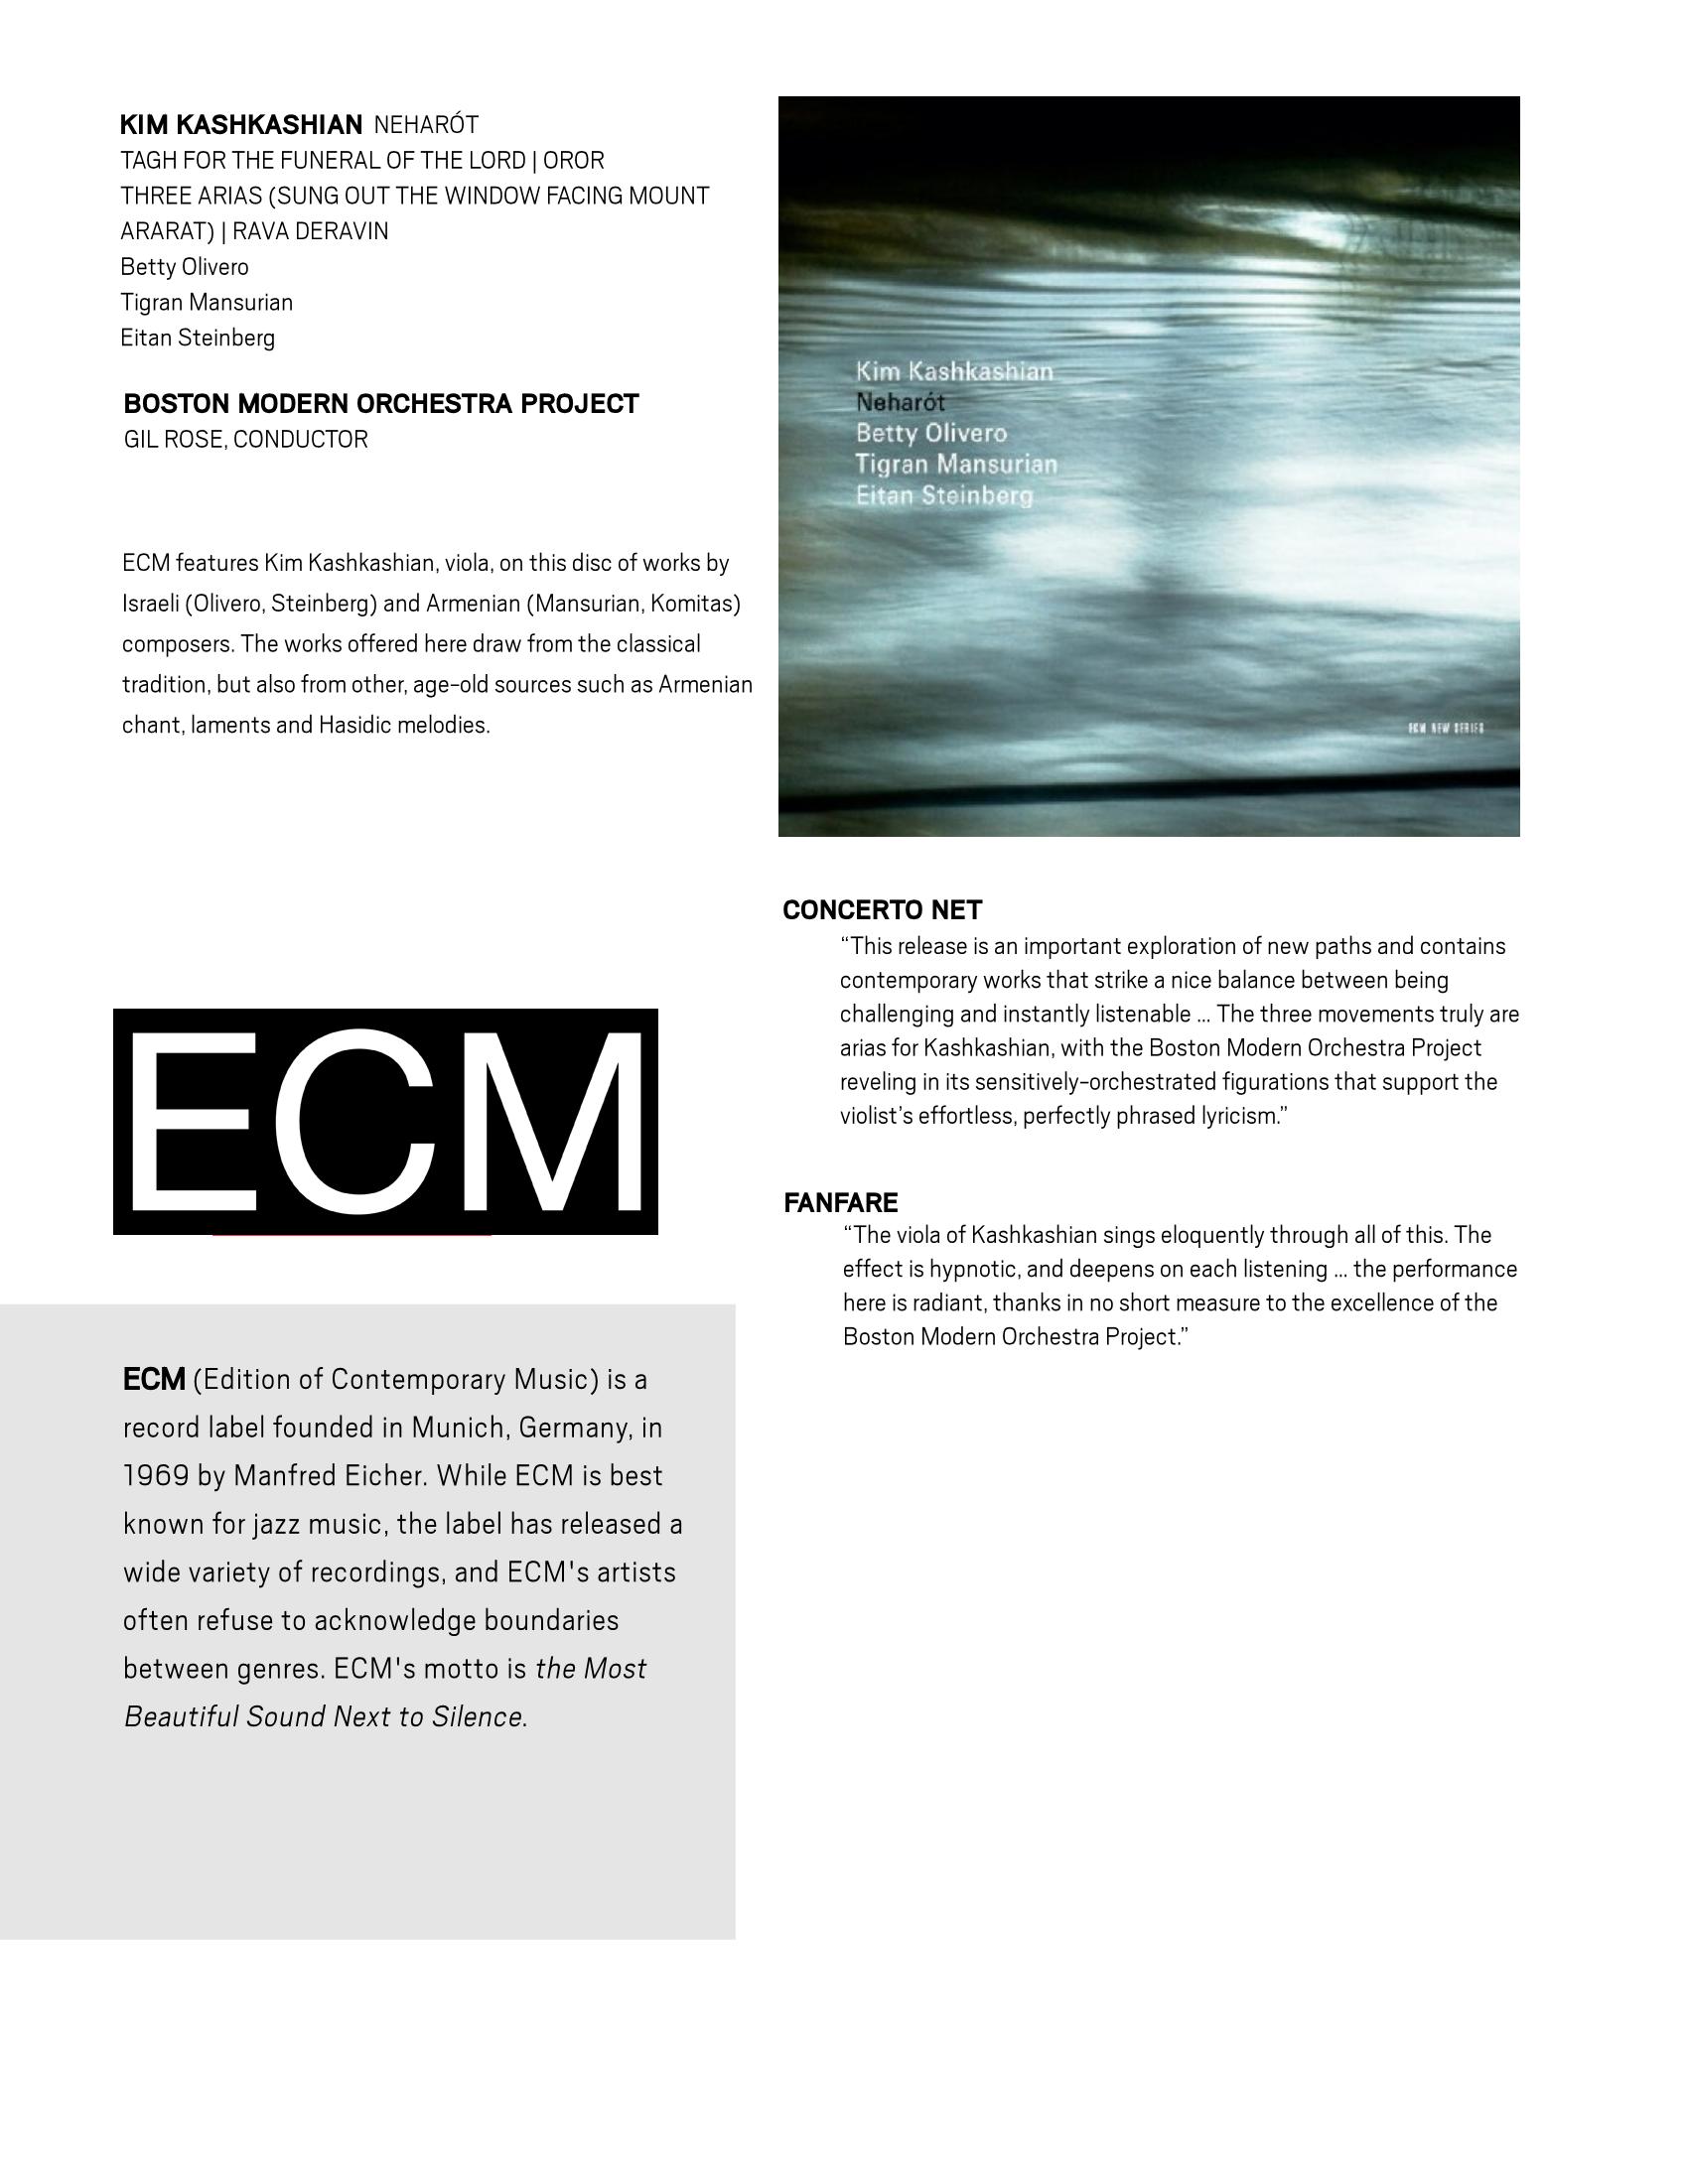 Kashkashian - ECM 2065 one-sheet.png